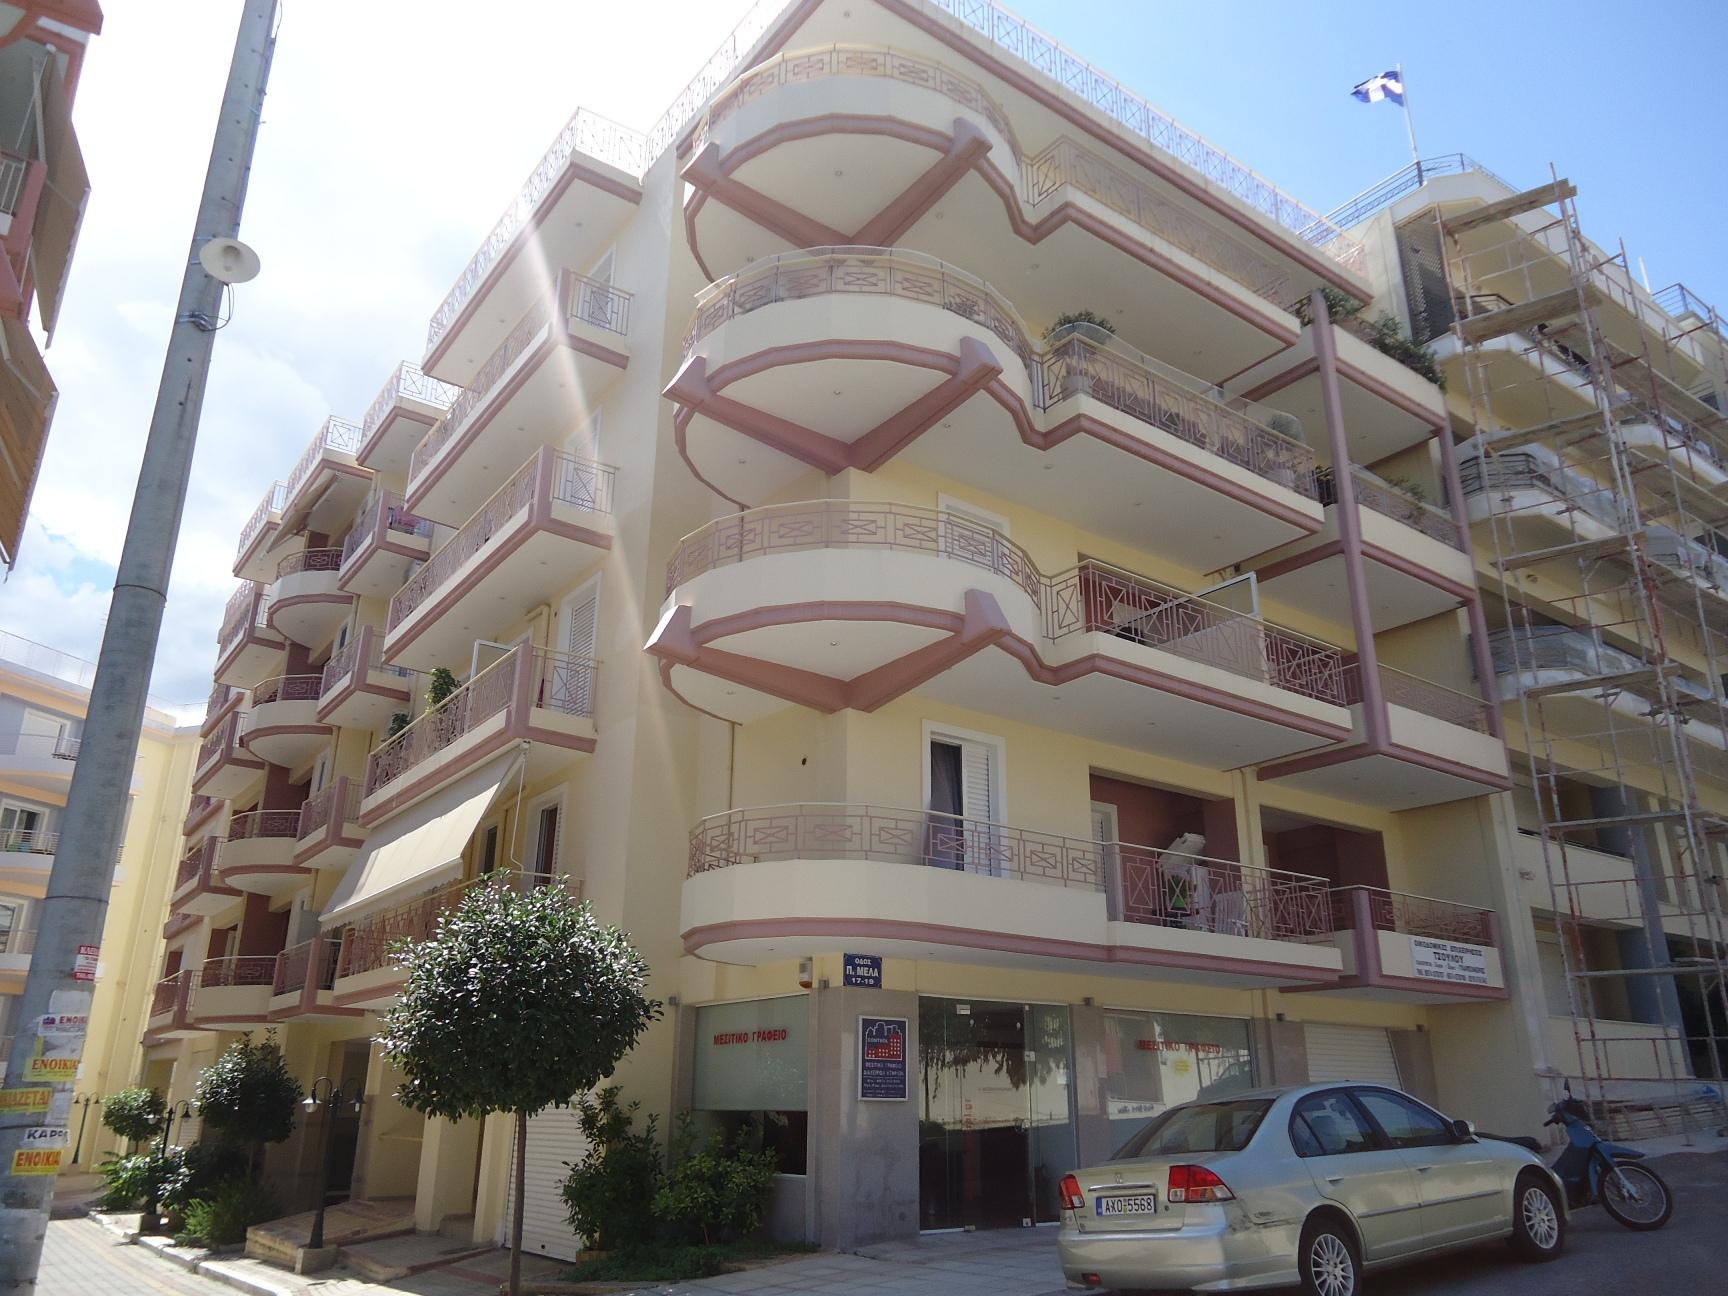 Οδός Παύλου Μελά 17,19-Αίγιο: Συγκρότημα τριών τετραόροφων κτιρίων διαμερισμάτων κατοικιών με κλειστές θέσεις στάθμευσεις στη Πυλωτή